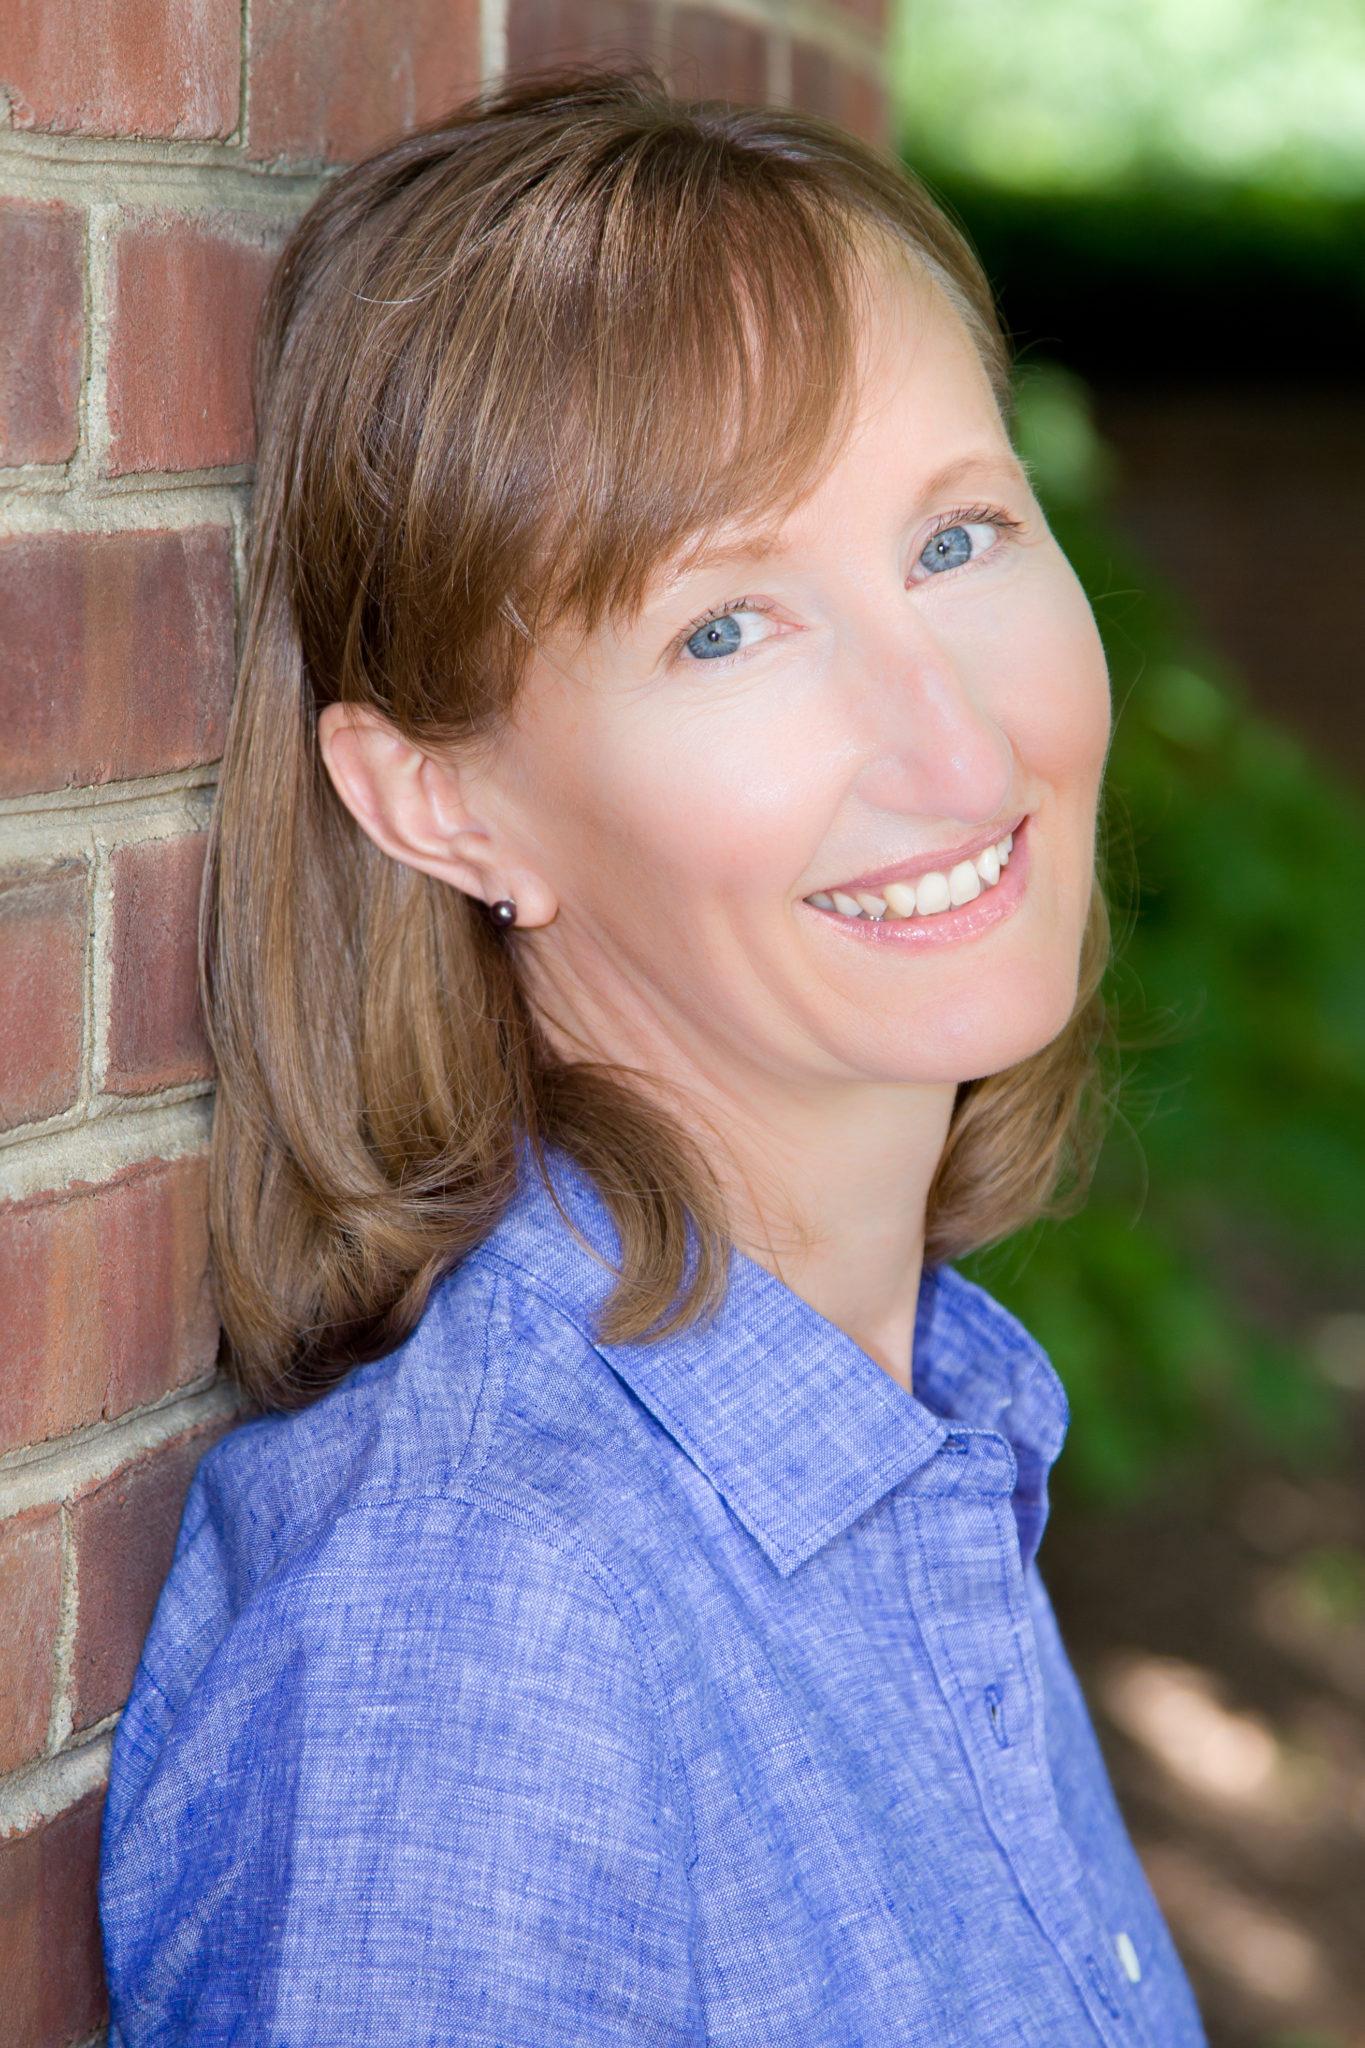 Business head shot portraits in Arlington, VA